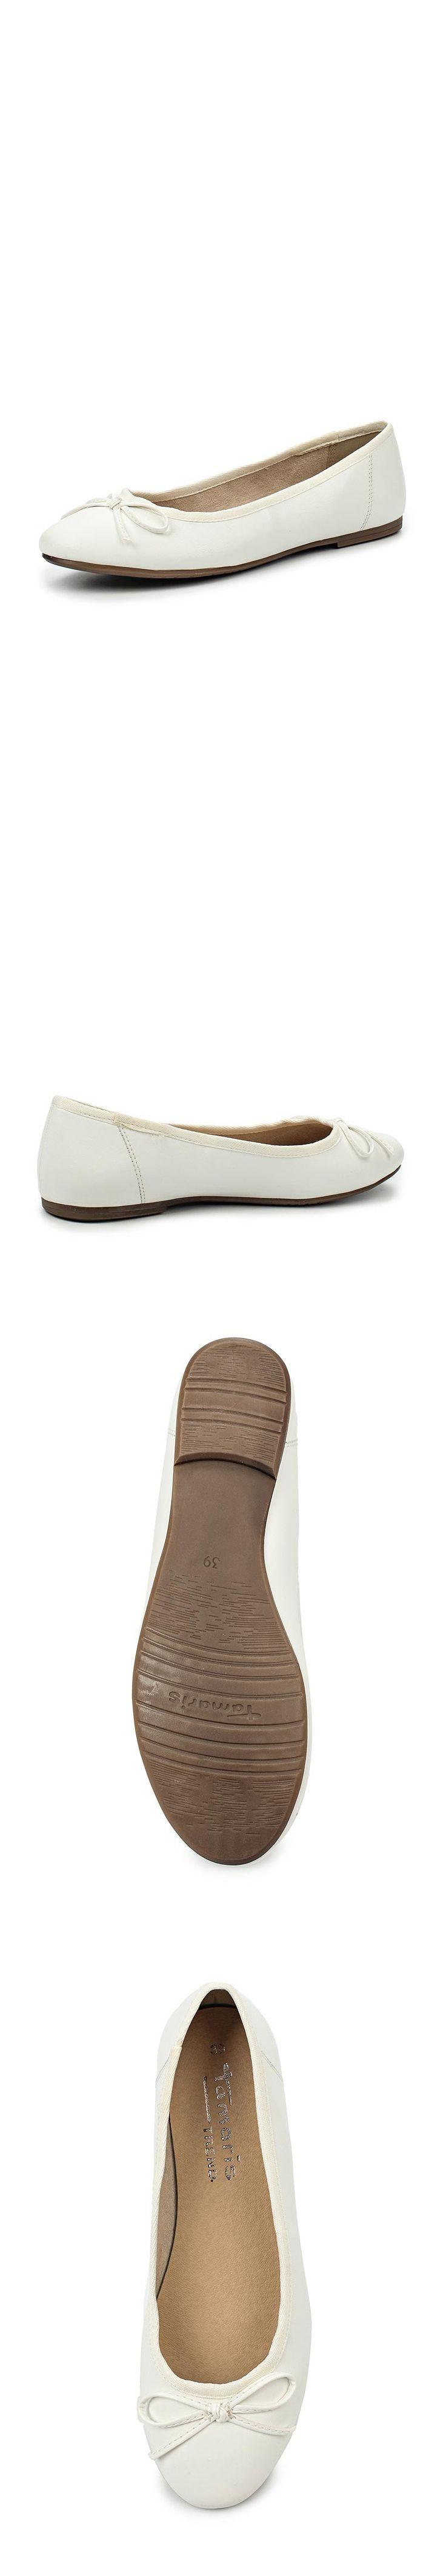 Женская обувь балетки Tamaris за 2699.00 руб.